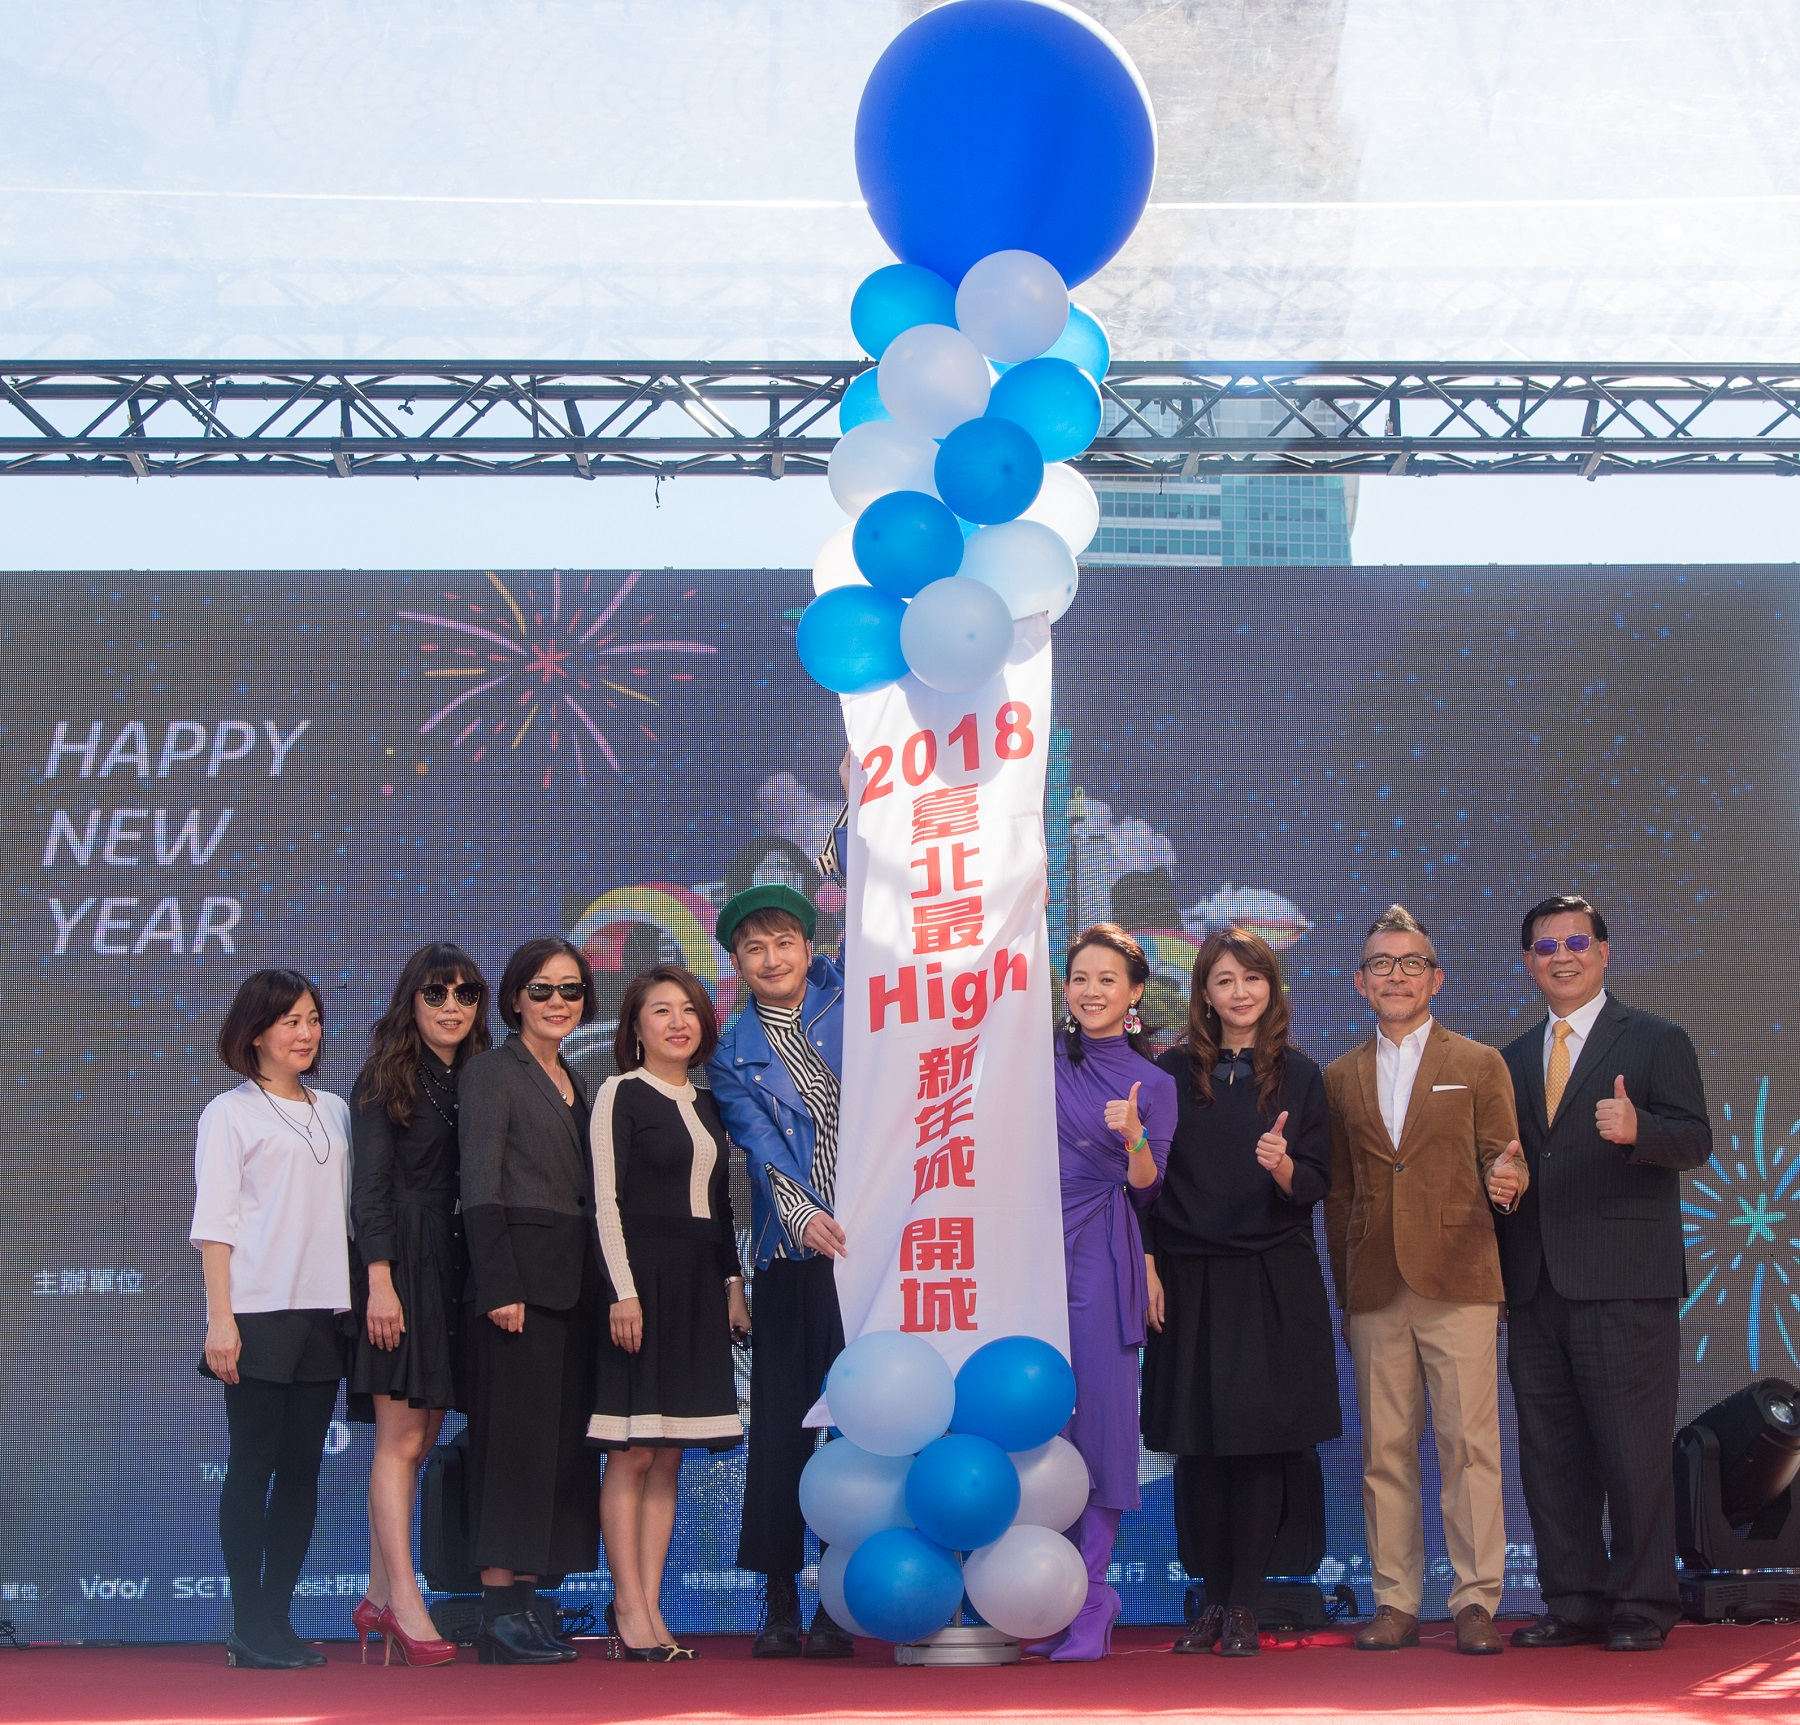 2018臺北最High新年城在曾寶儀、KID及眾嘉賓的見證下開城。